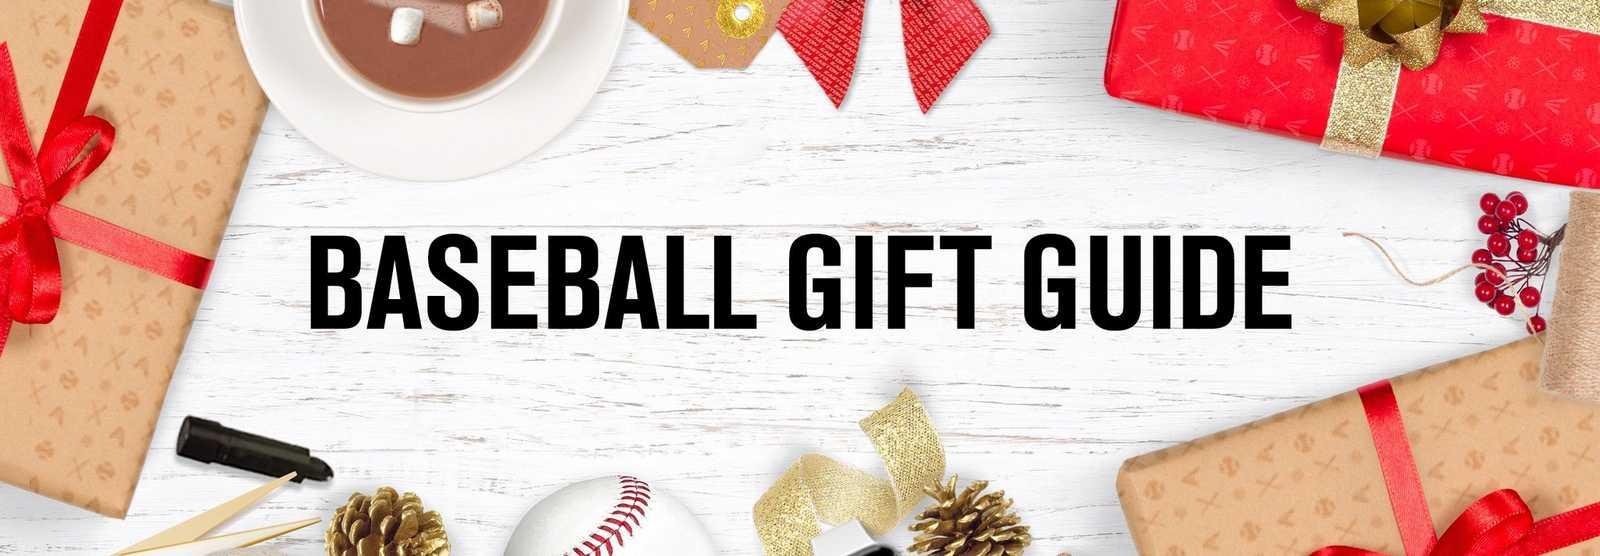 2019-baseball-gift-guide